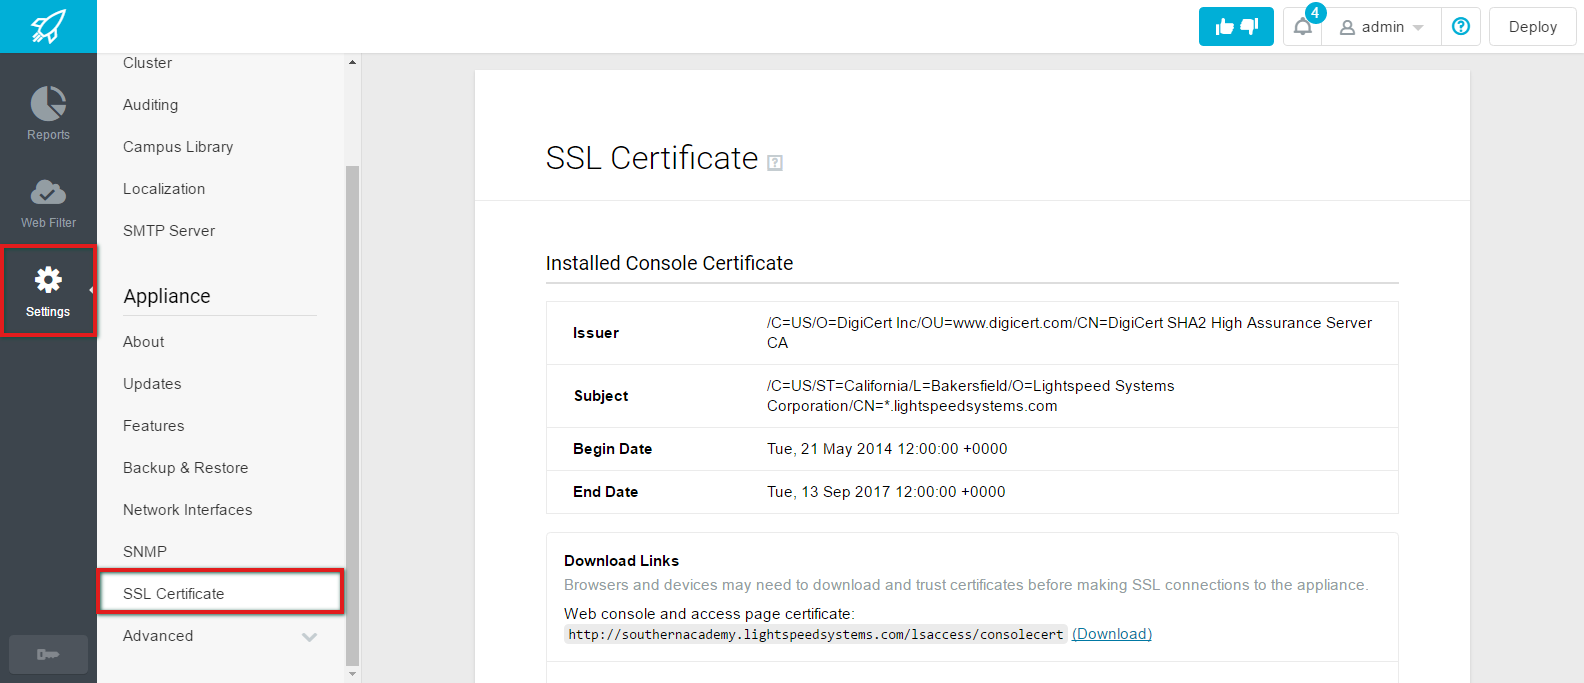 Pushing SSL Certificates to Chromebooks through GAFE - Lightspeed